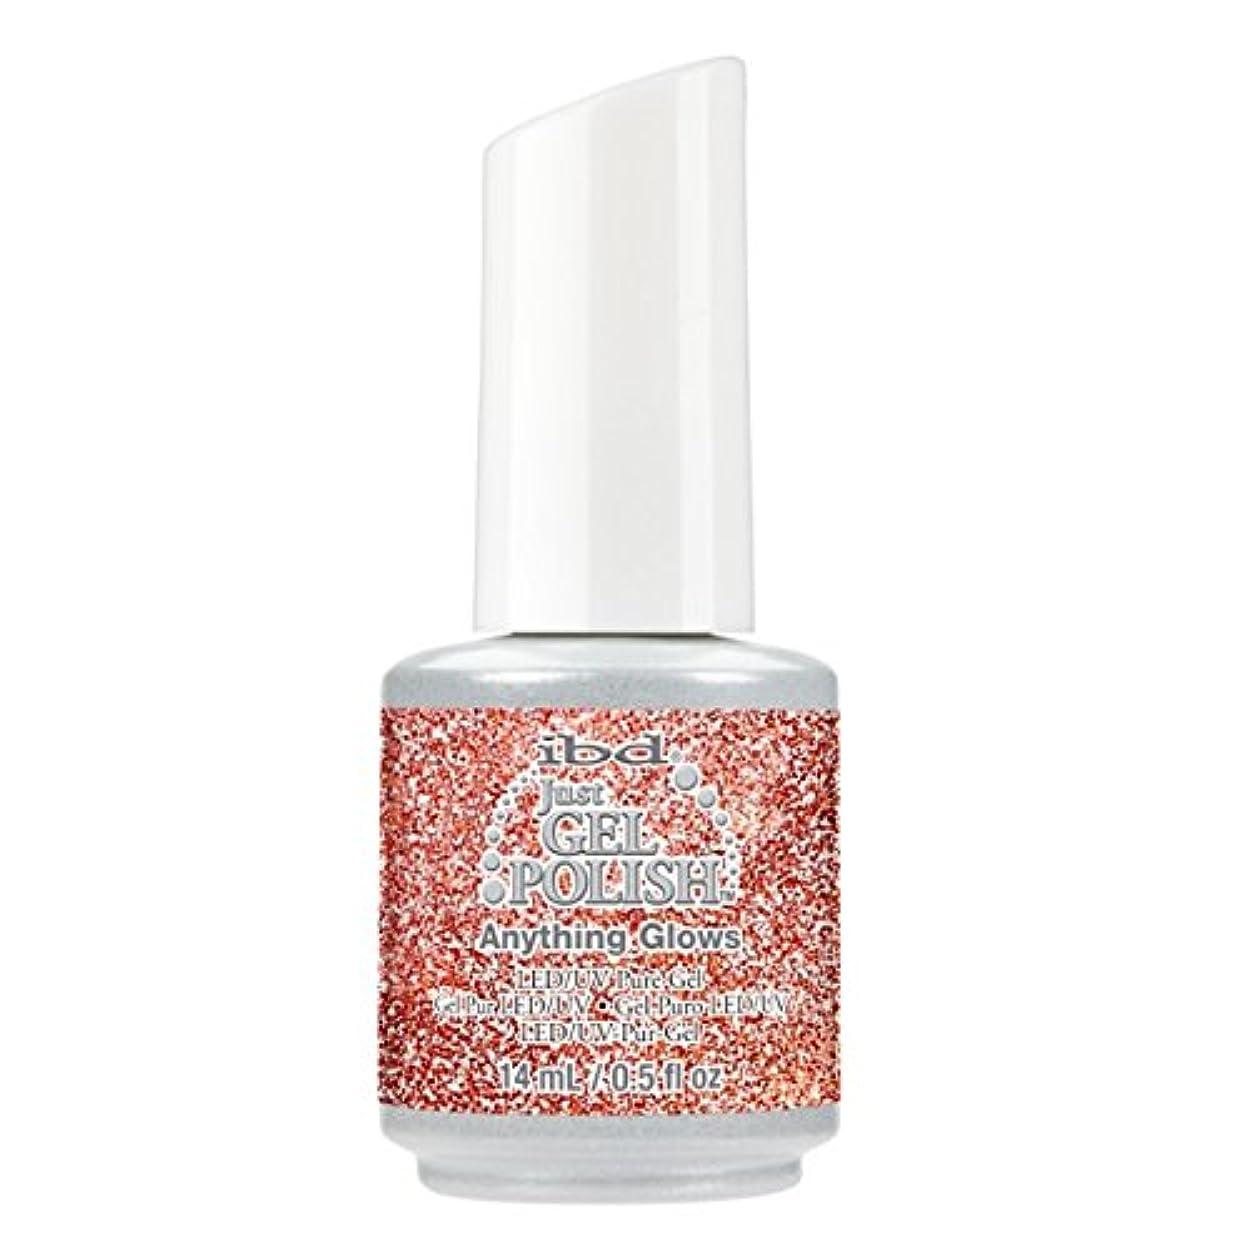 さまようマウスキロメートルibd Just Gel Polish - Diamonds+Dreams Collection - Anything Glows - 14 mL / 0.5 oz